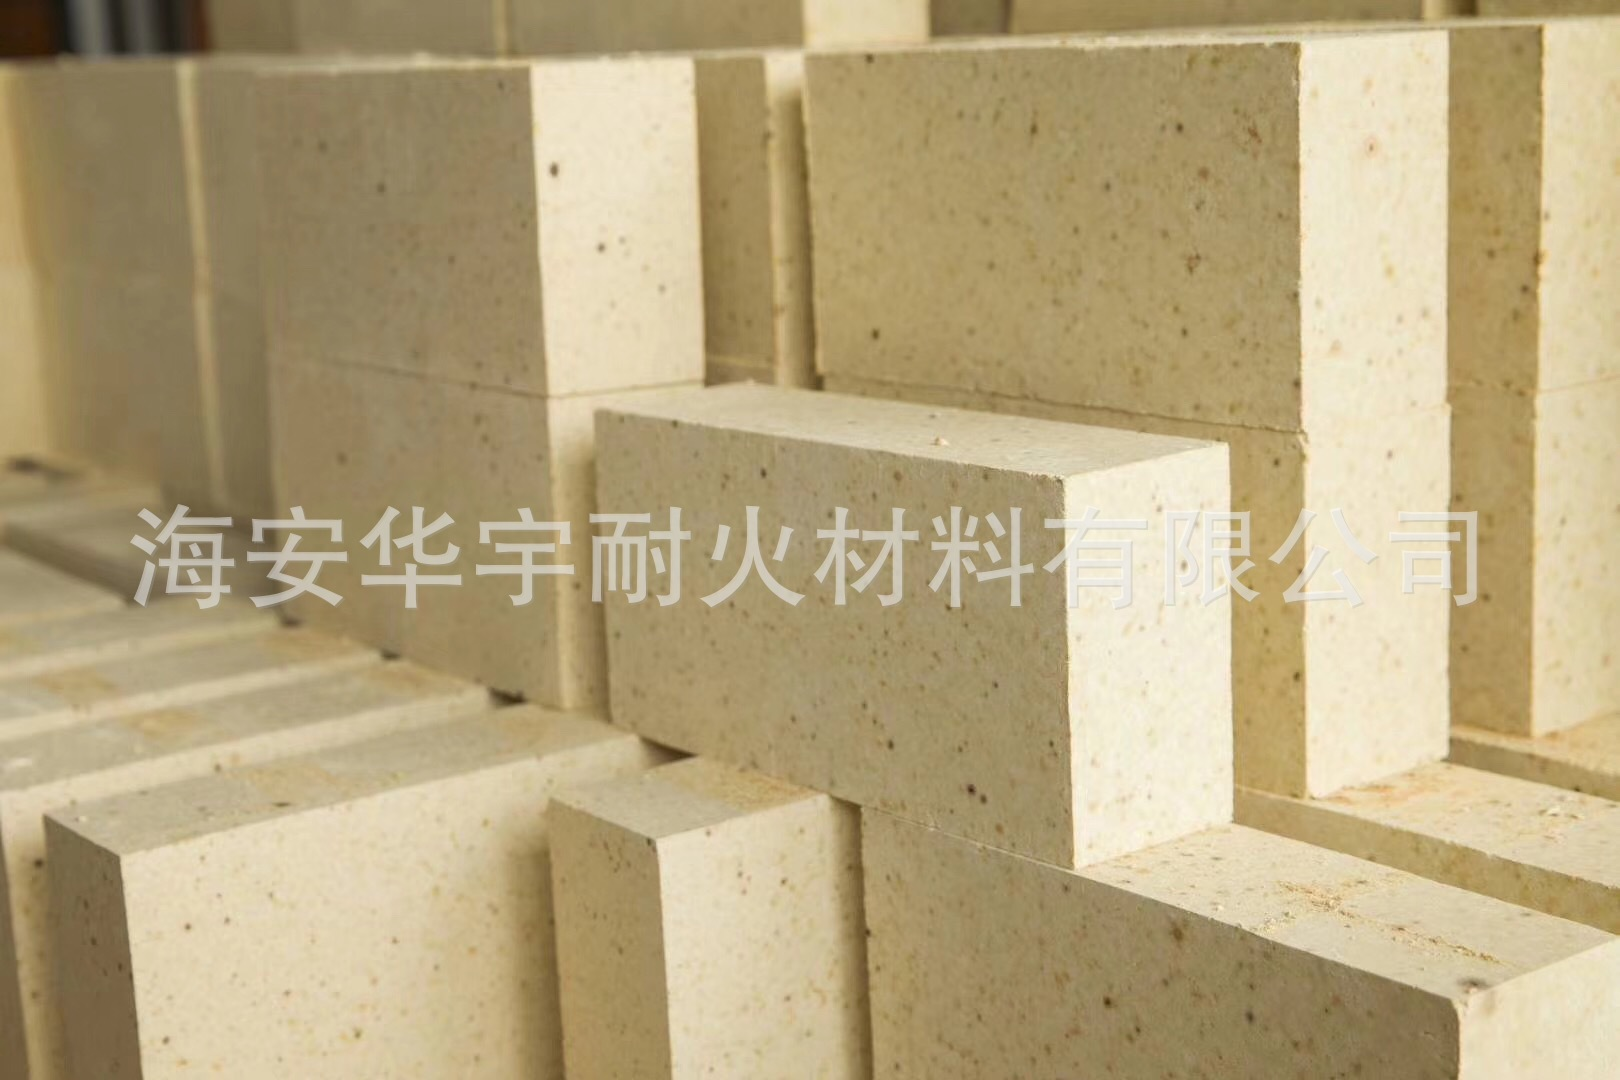 厂家直销 特级高铝砖 标准砖 刀口砖 斧头砖 平半砖条半砖 多枚砖